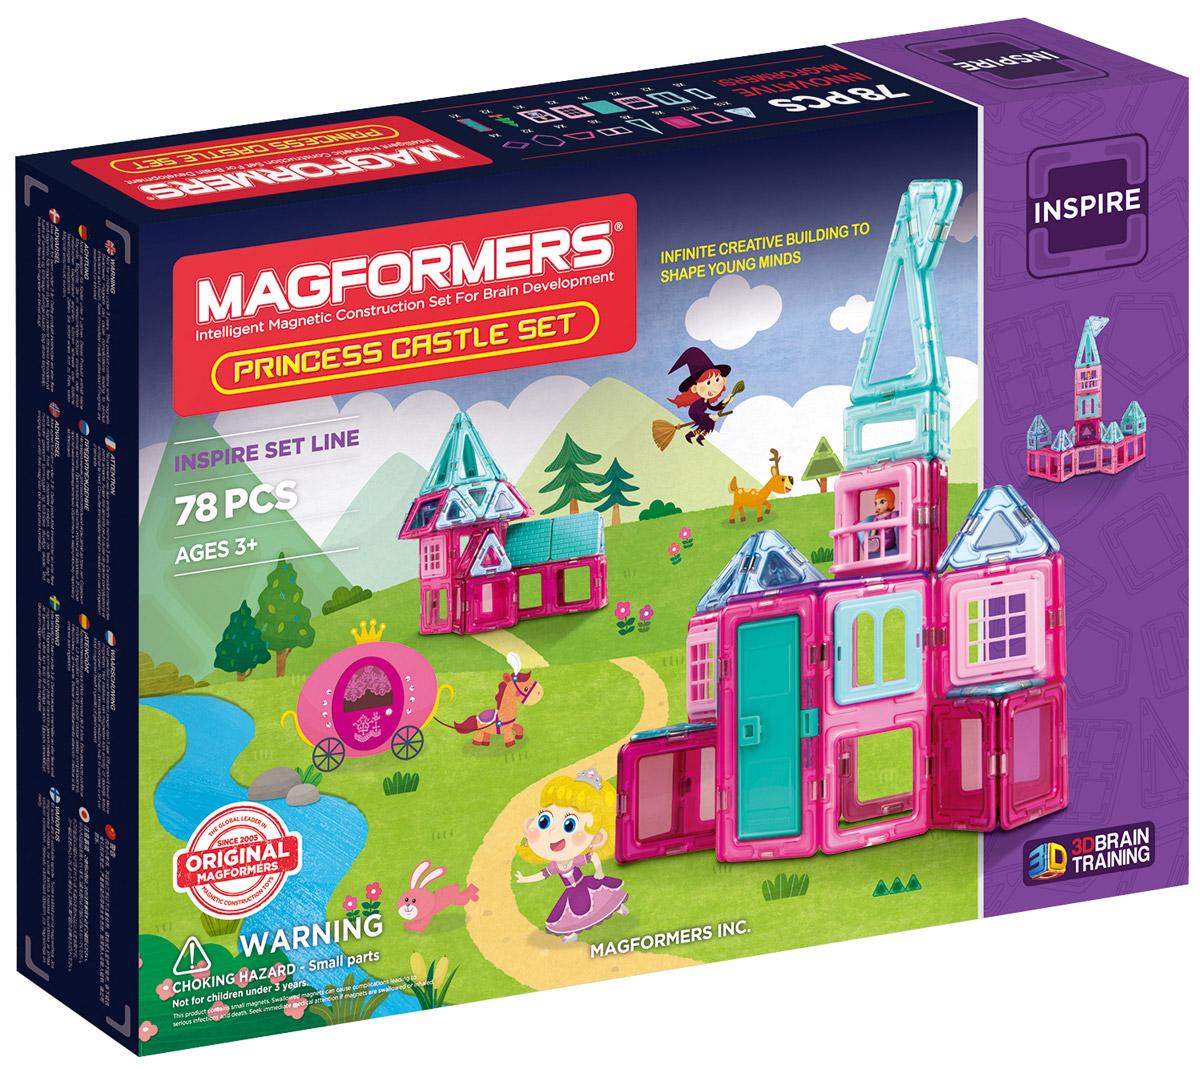 Magformers Магнитный конструктор Princess Castle704004Набор Magformers Princess Castle - одна из самых интересных новинок 2016 года. В его состав вошли не встречавшиеся ранее ни в одном другом наборе строительные аксессуары и элементы с прозрачными окошками. Детали конструктора выполнены в нежных розово-голубых пастельных тонах, столь любимых девочками. С этим набором вы сможете построить невероятно красивый сказочный замок для принцессы. Помимо базовых геометрических фигур в комплект входят разнообразные декоративные аксессуары: черепичная крыша; изящные балкончики; оконные решетки; оконные проемы с арками. Также в наборе появилась фигурка прекрасной принцессы. Книга идей в комплекте поведает про то, как злая колдунья превратила замок принцессы в тень. Благодаря инструкциям по сборке и силуэтам замков вы сможете спасти принцессу и построить ей новый дом. Особенностью набора также стали квадраты и треугольники с прозрачными вставками из появившейся на рынке в 2016 году линейки Magformers Window. Таинственные полупрозрачные окна и купола...